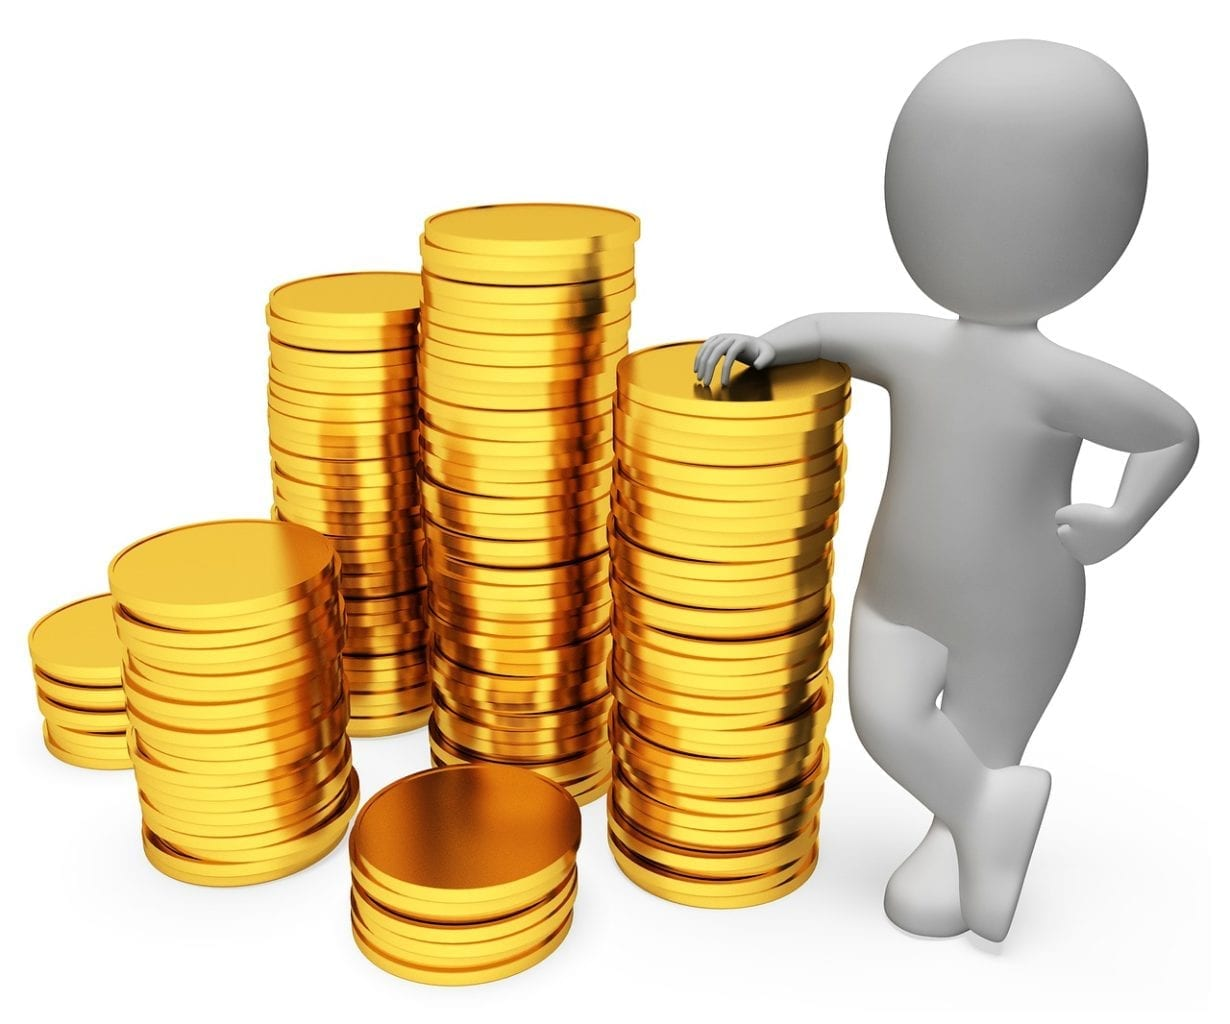 Renda mensal: Como investir para ter uma renda mensal de R$ 5 mil